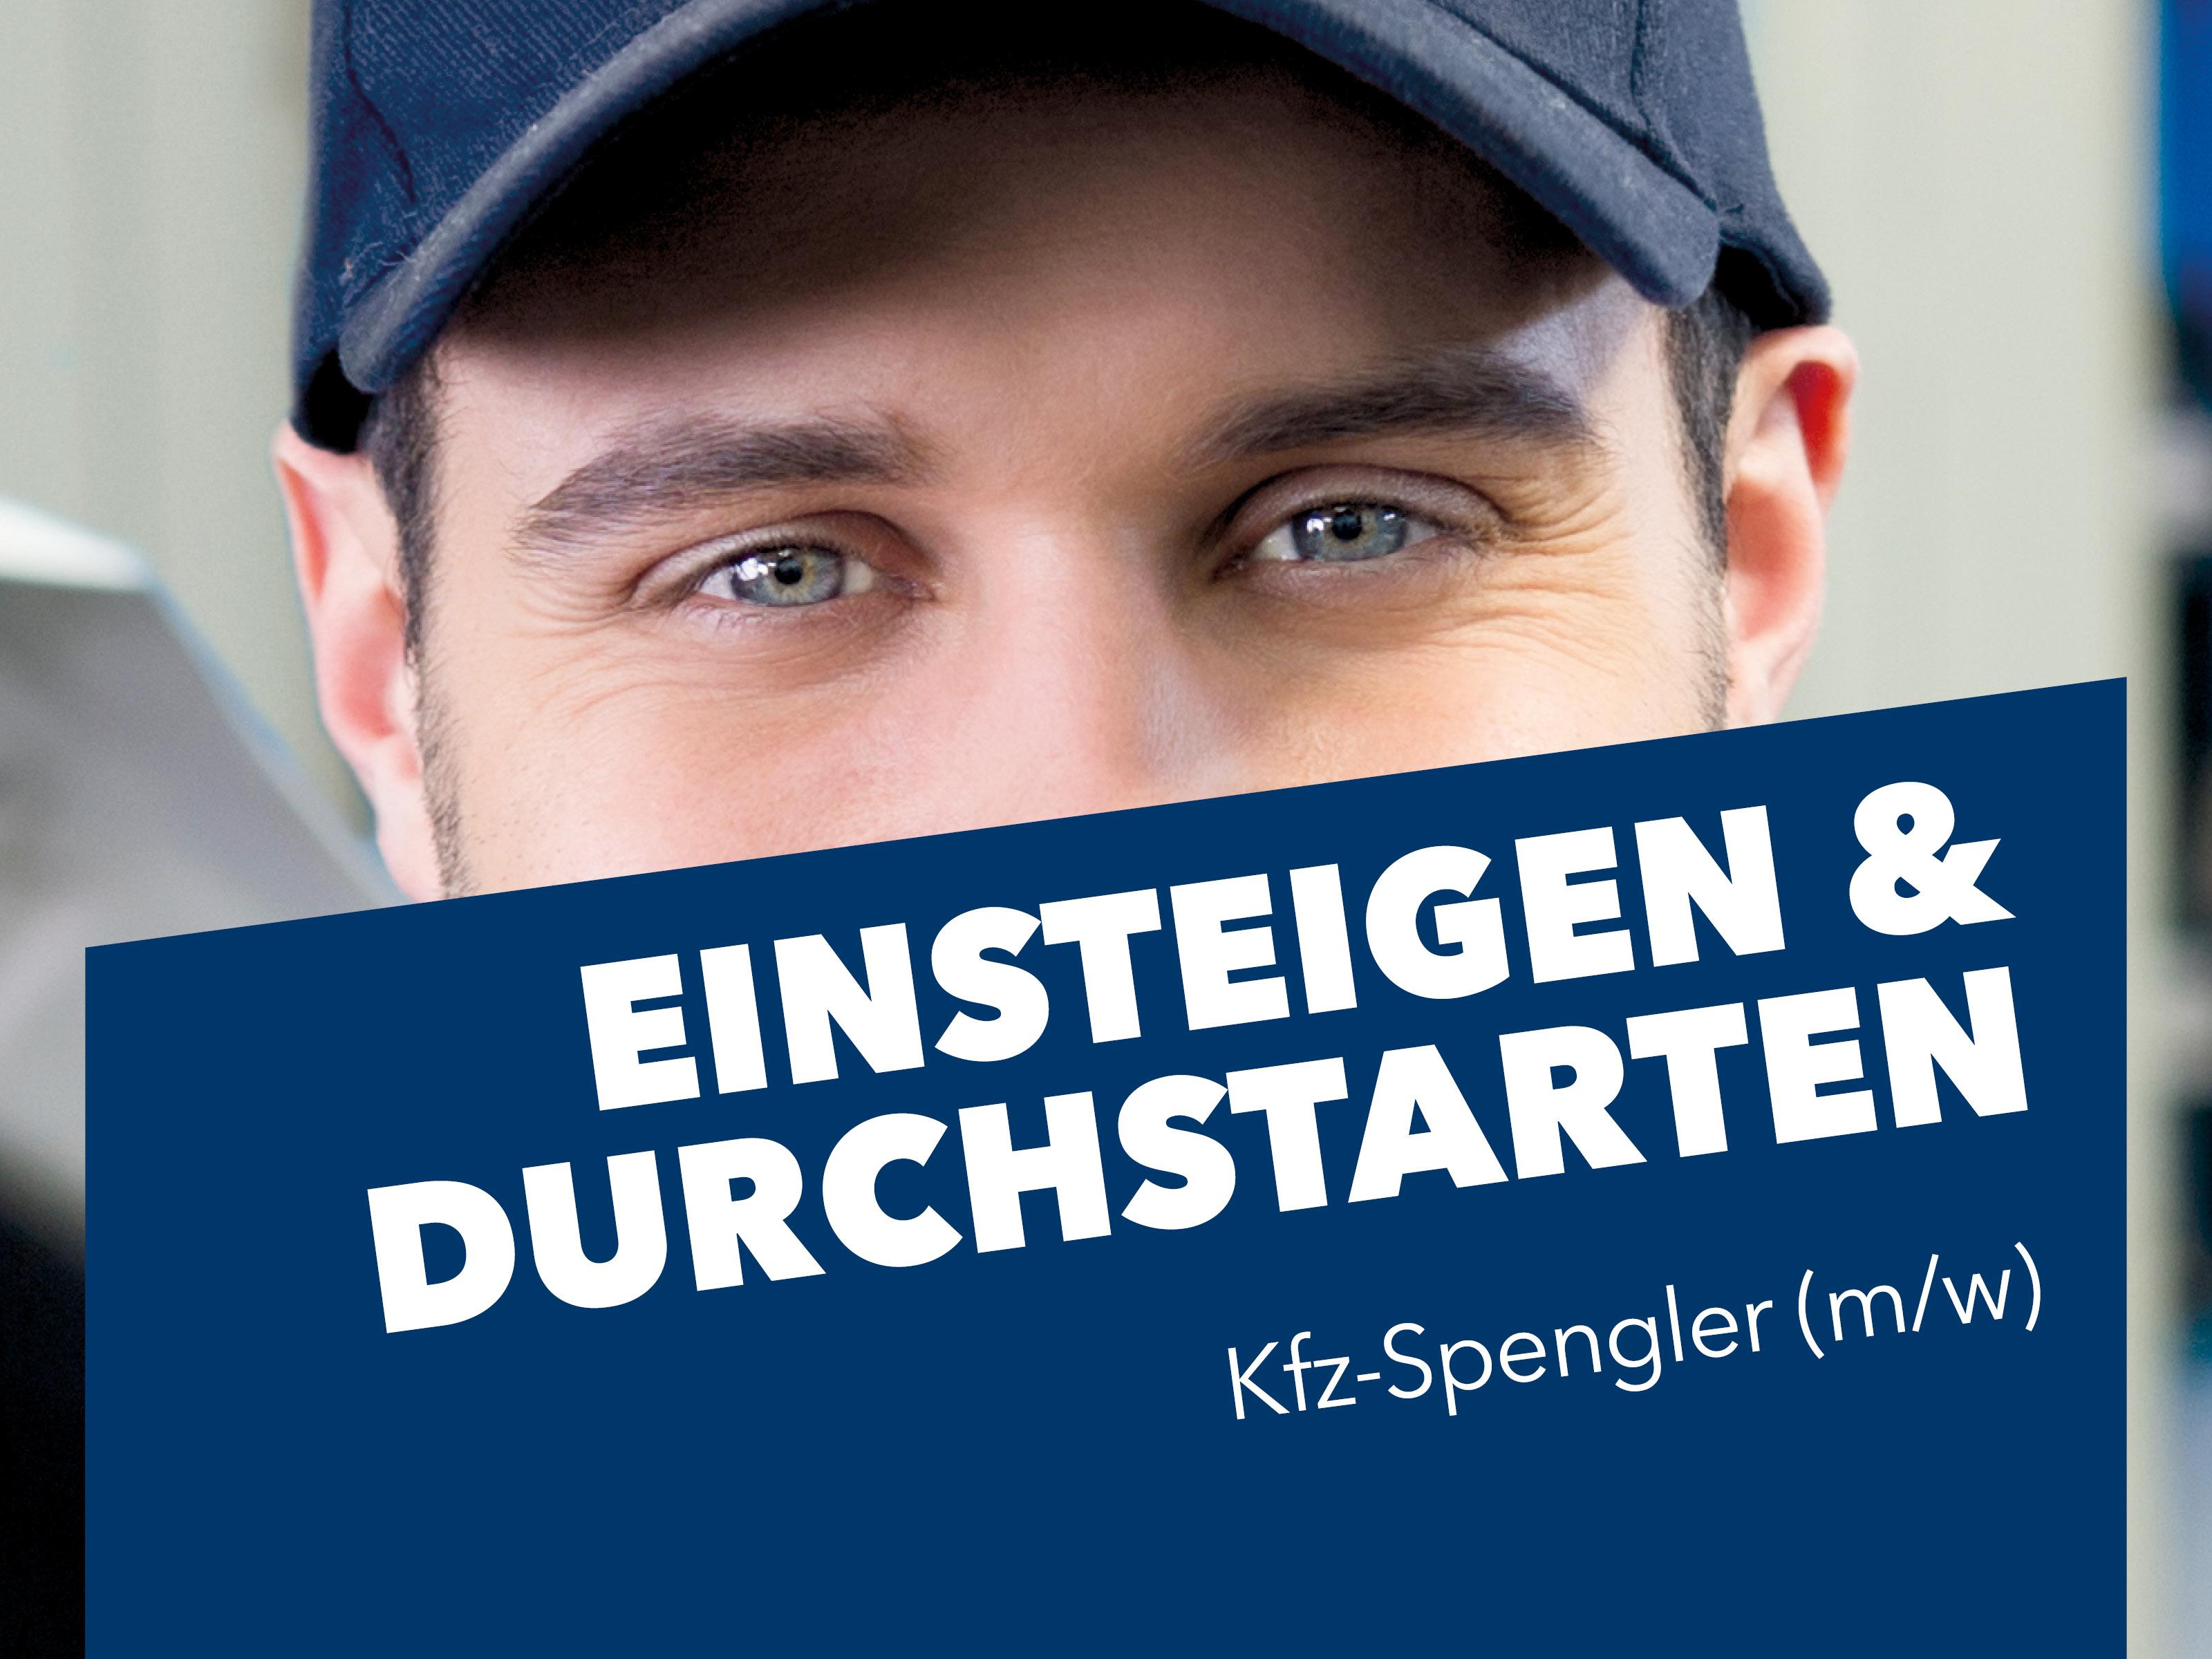 Kfz-Spengler (m/w) in Rosenheim